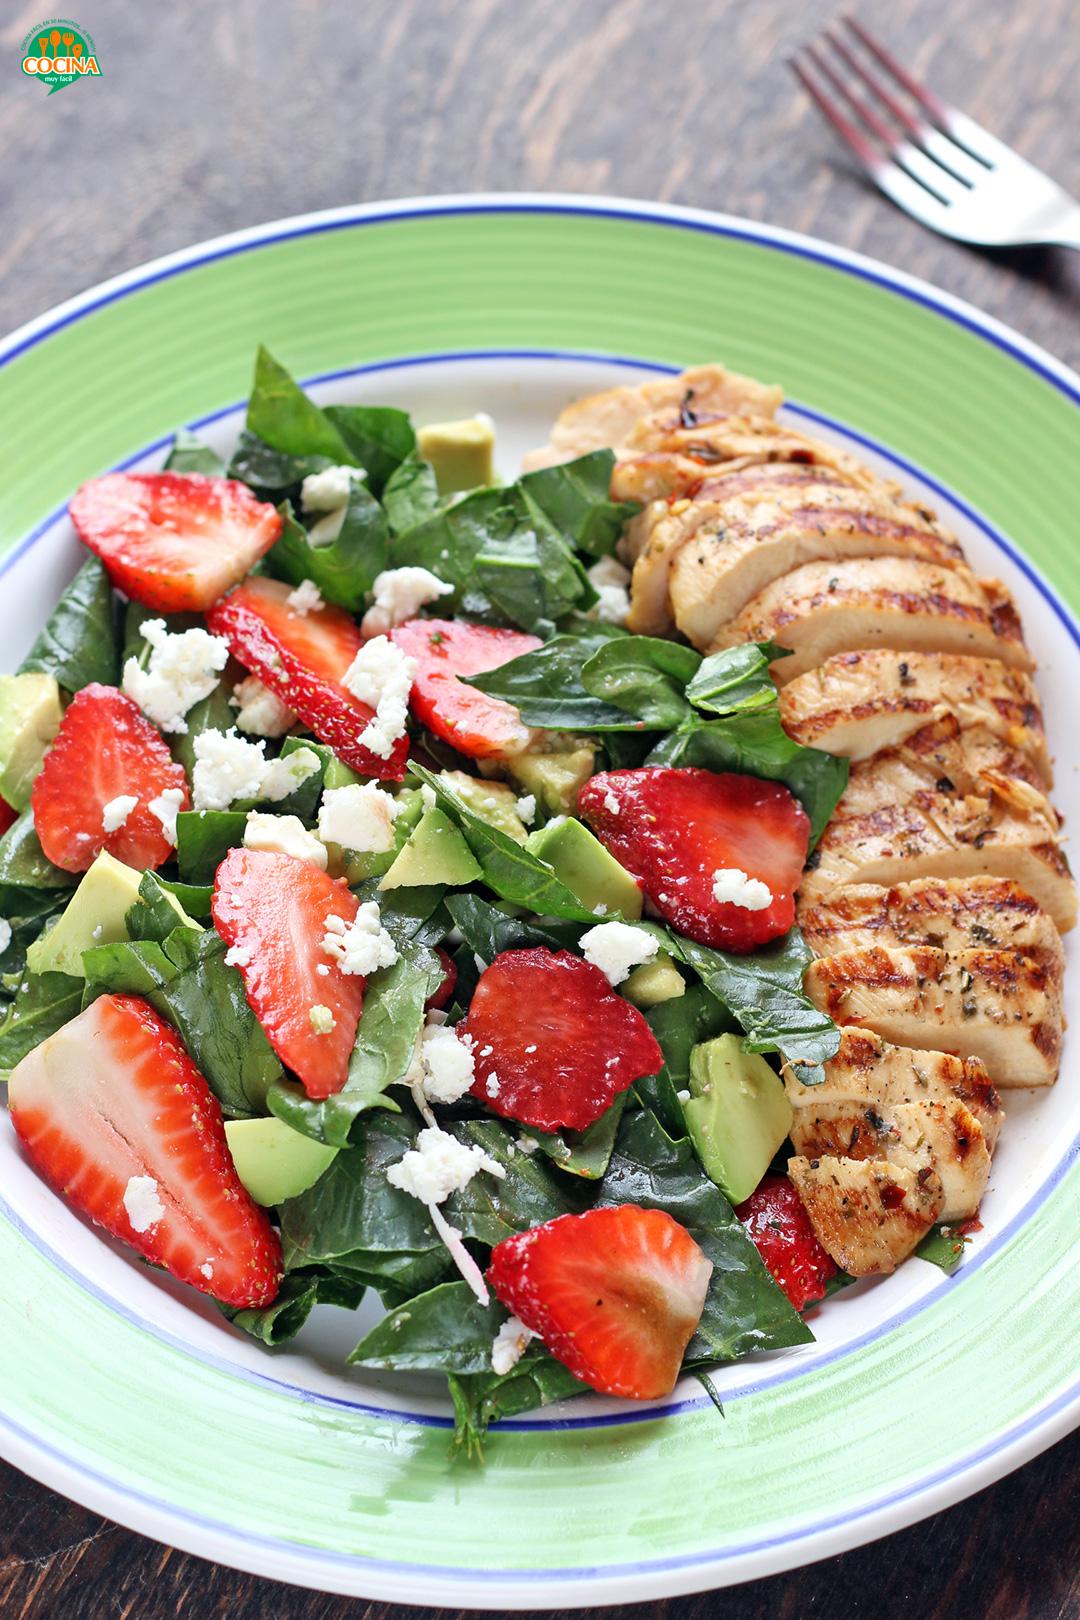 Ensalada de fresas y espinacas con pollo a la parrilla. Receta | cocinamuyfacil.com